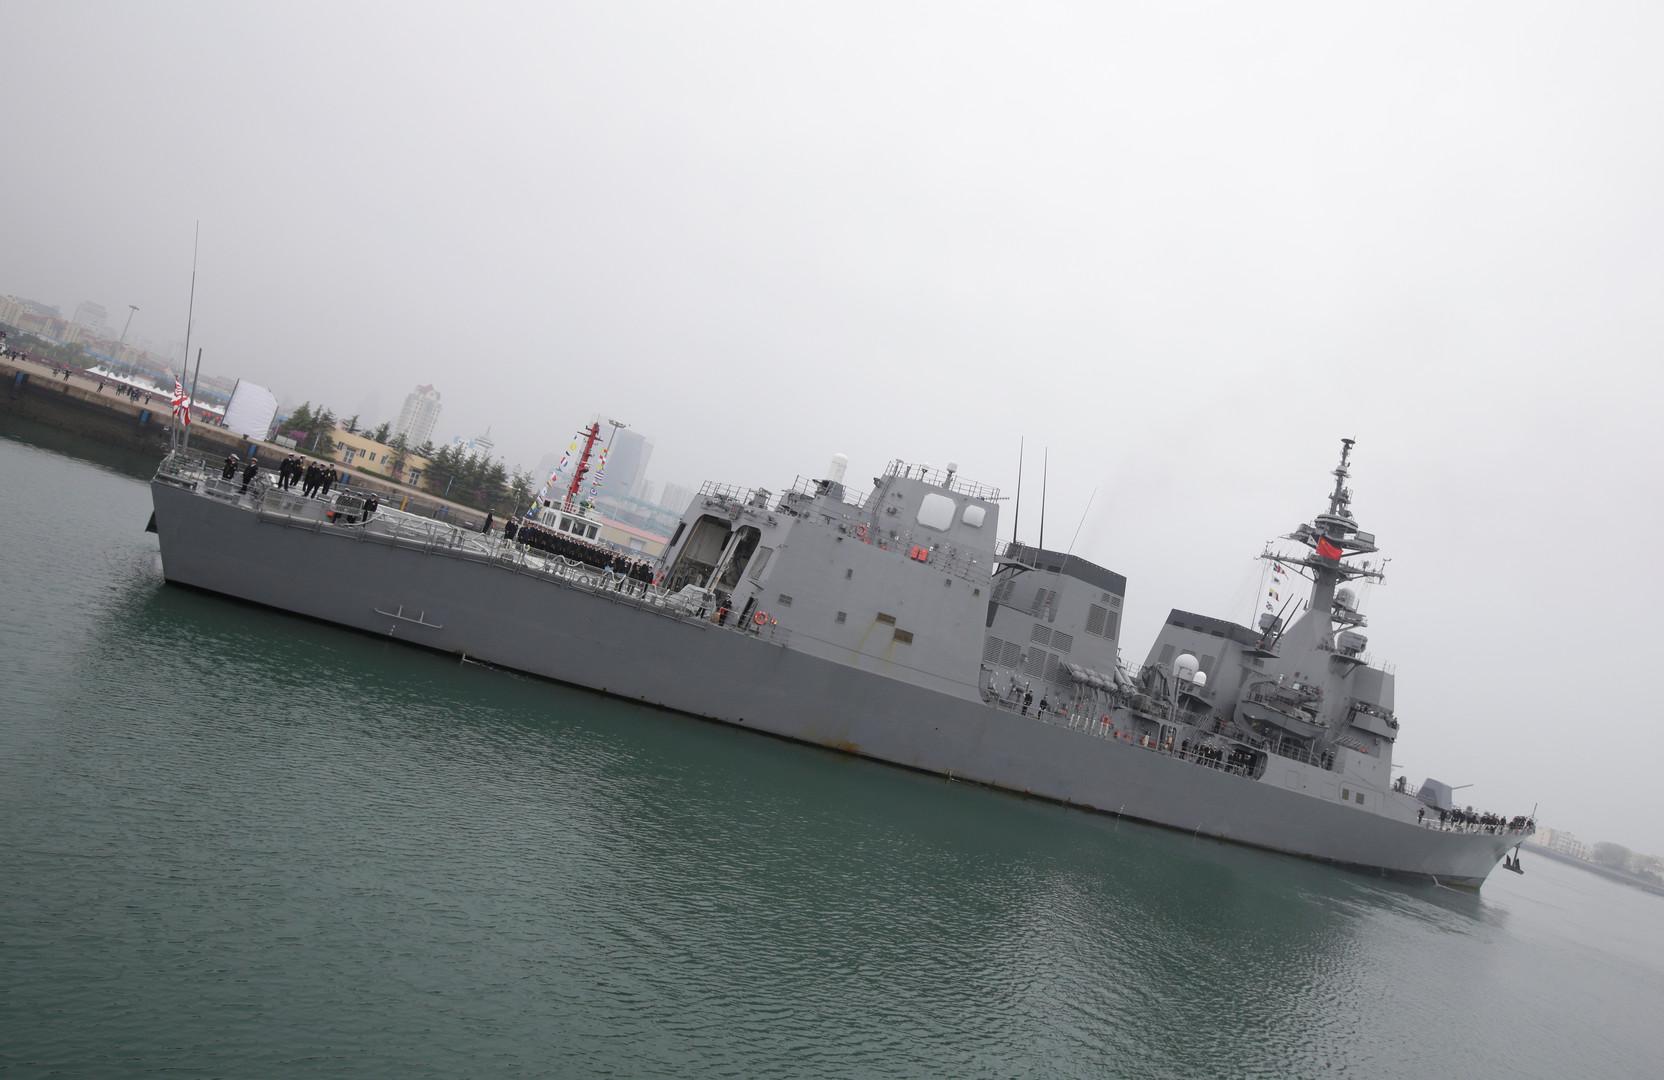 سفن حربية يابانية بصدد التوجه إلى شواطئ إيران